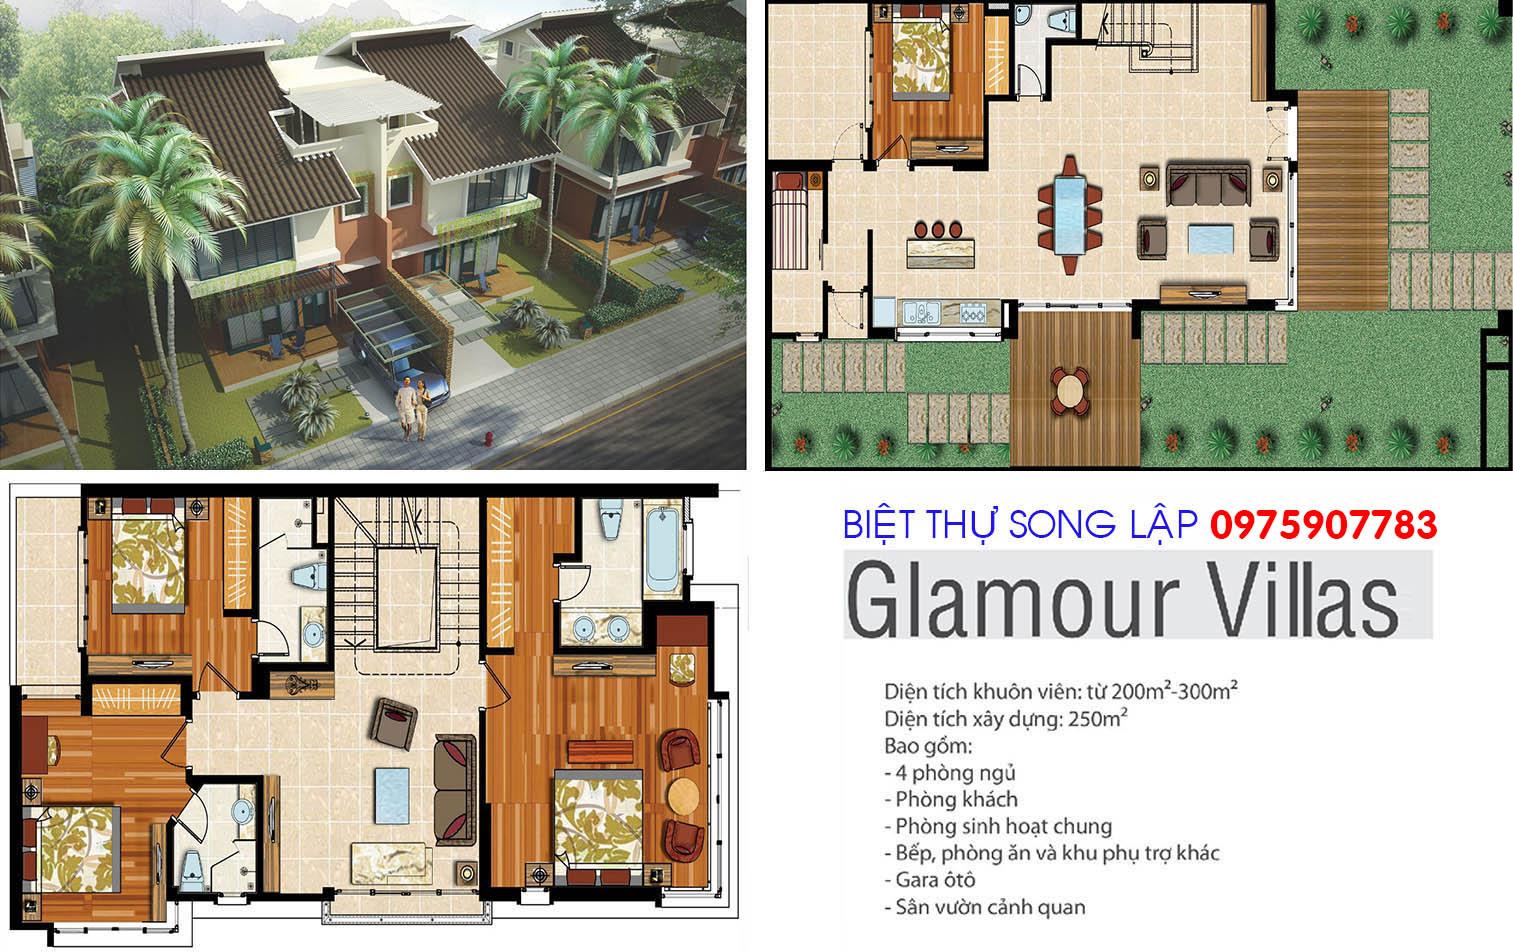 Xanh Villas - biệt thự song lập Glamour